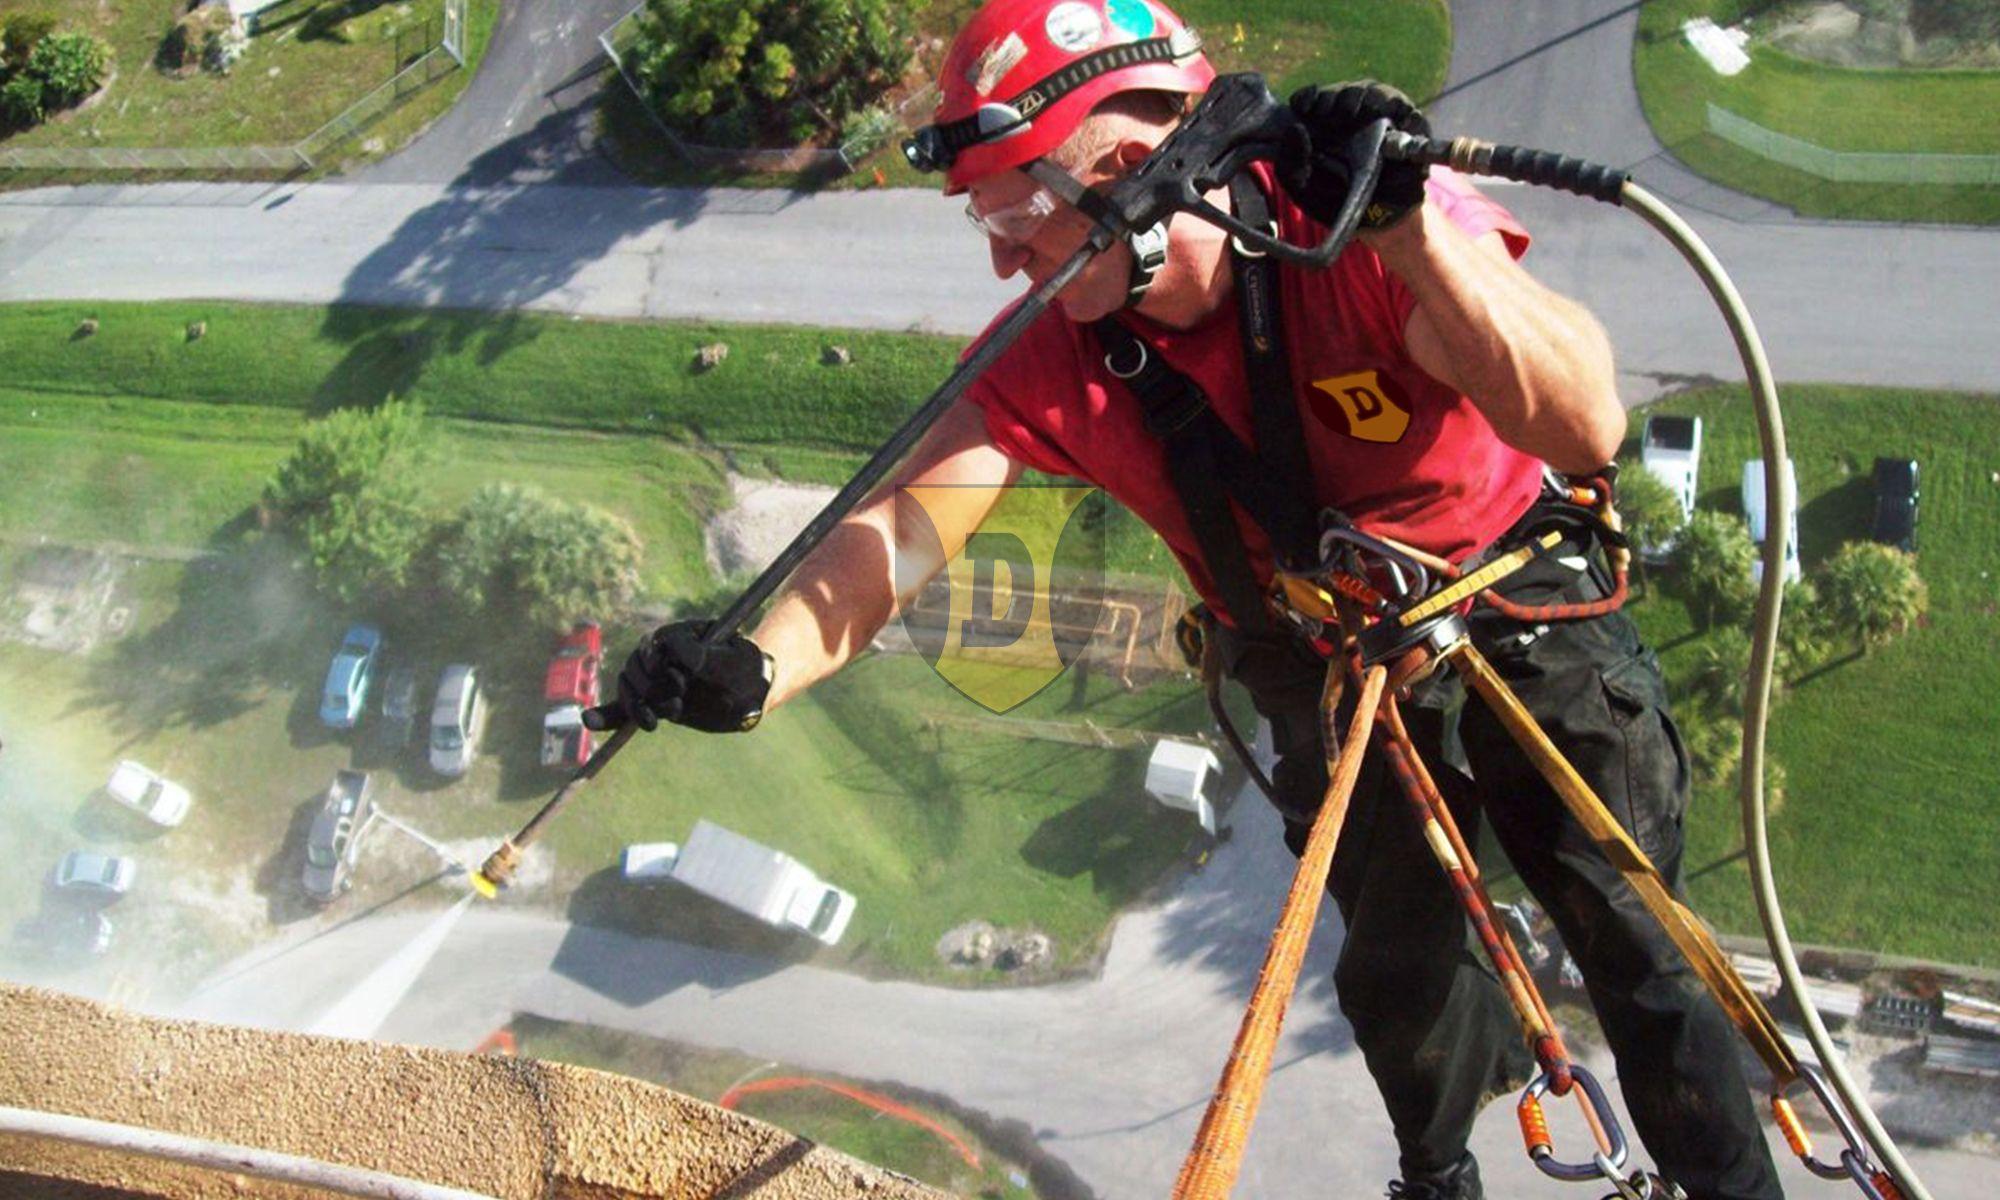 Servicii de alpinism utilitar in Bucuresti si judetele limitrofe